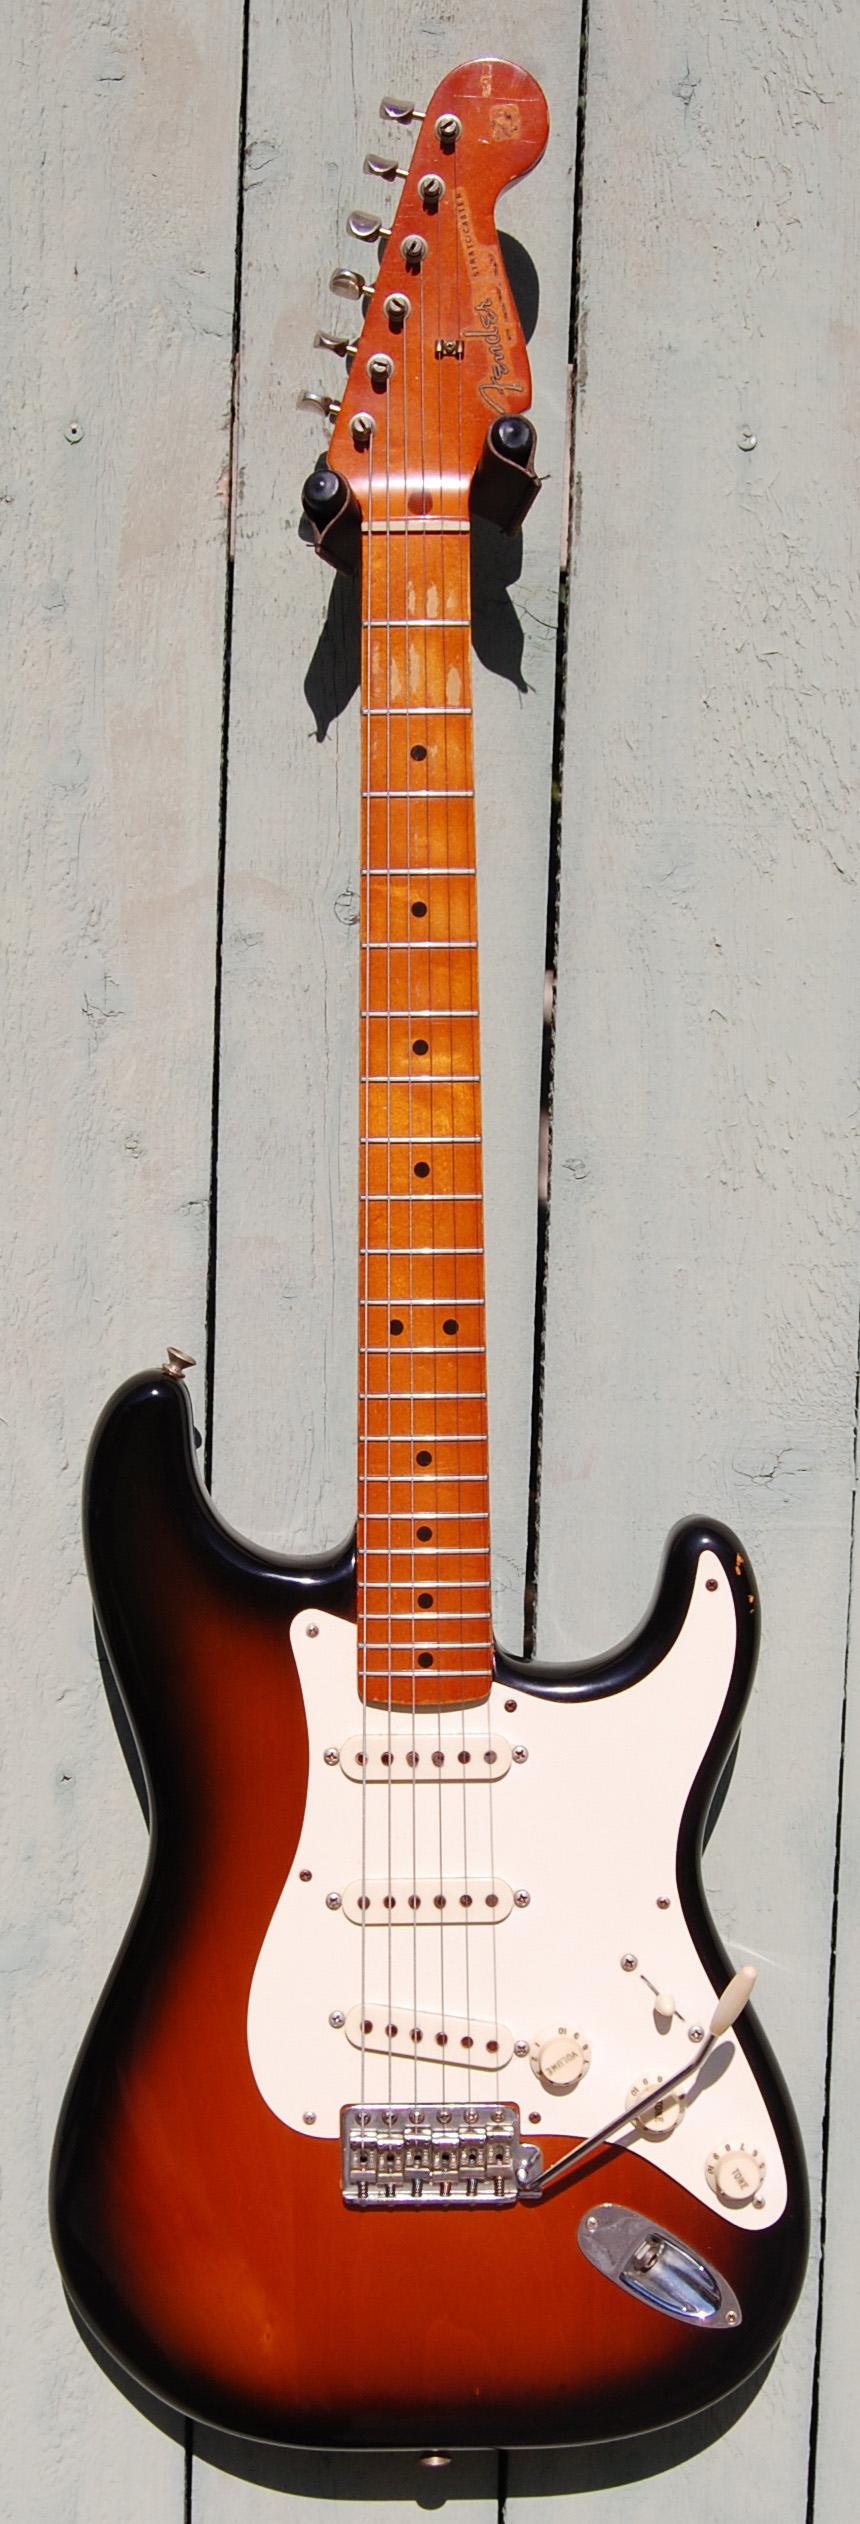 1982 Fender Vintage '62 reissue